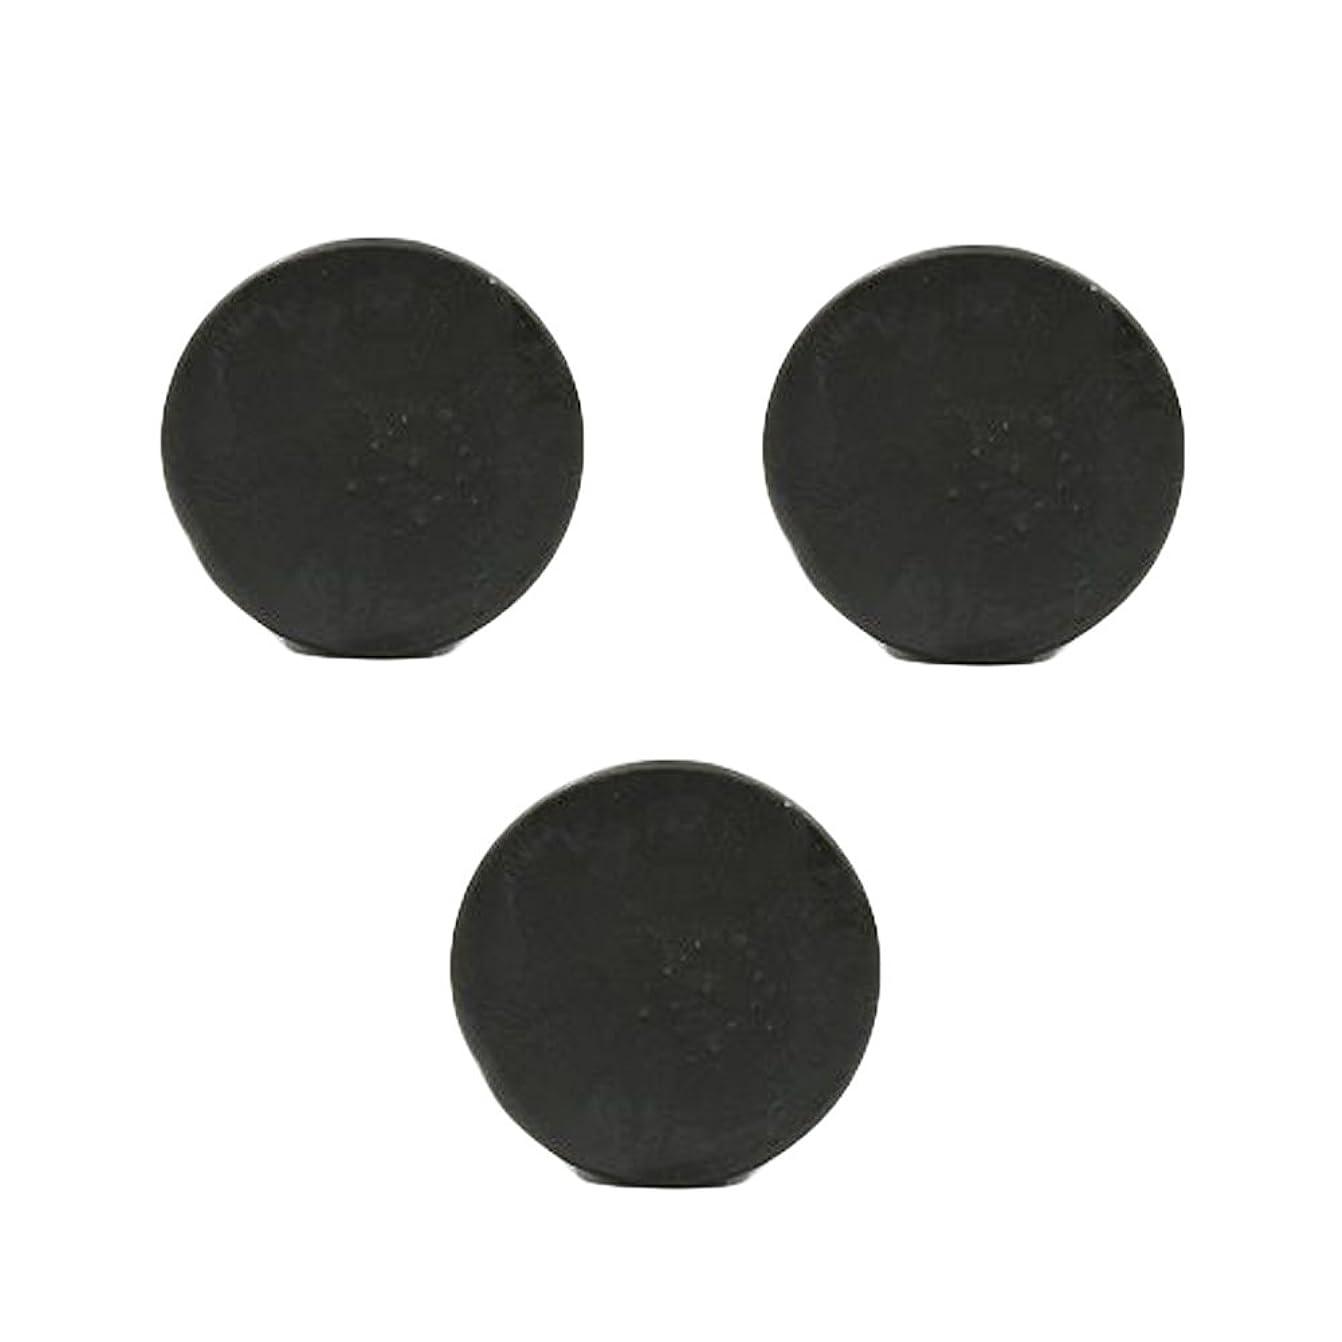 サバント横野生薬用人参クレンジングソープ3個 / Fermented Dark Black Ginseng Cleansing Soap 3pcs[海外直送品] [並行輸入品]